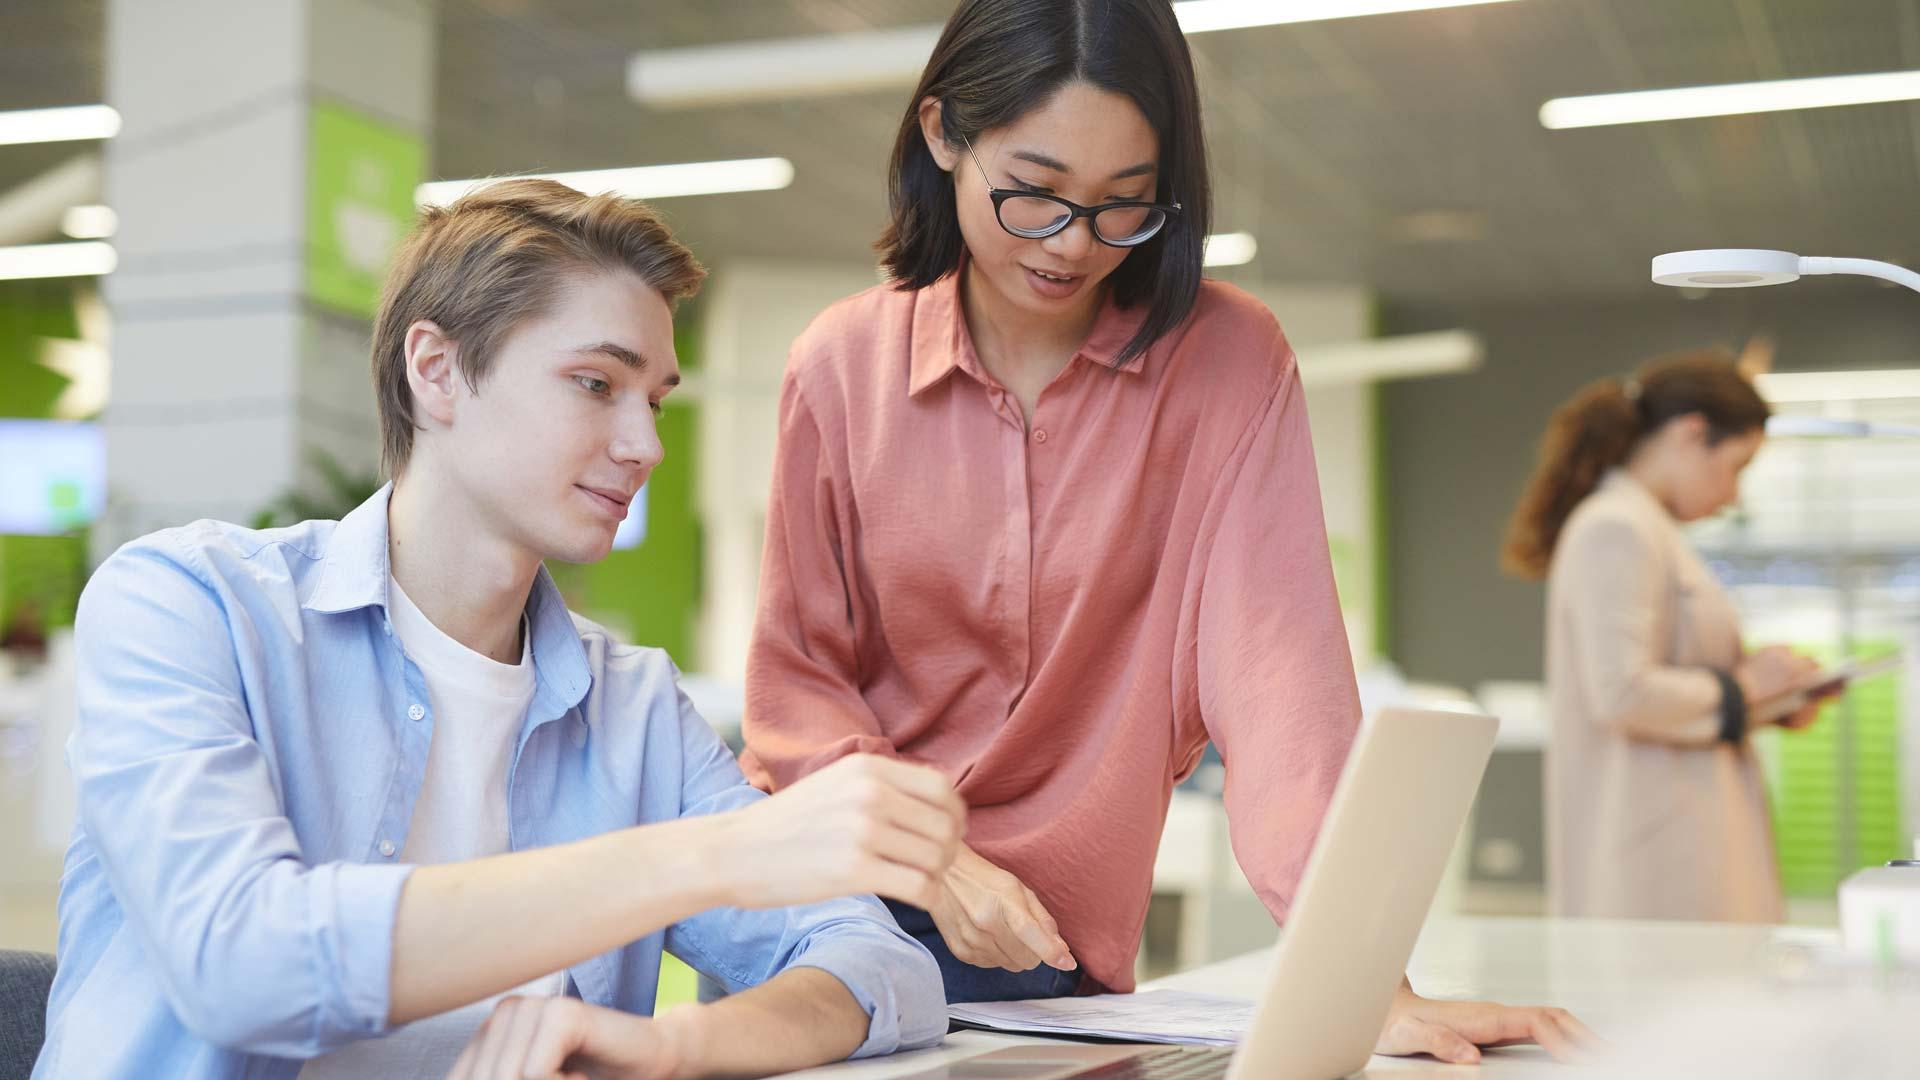 case-studies-digital-marketing-institute-02